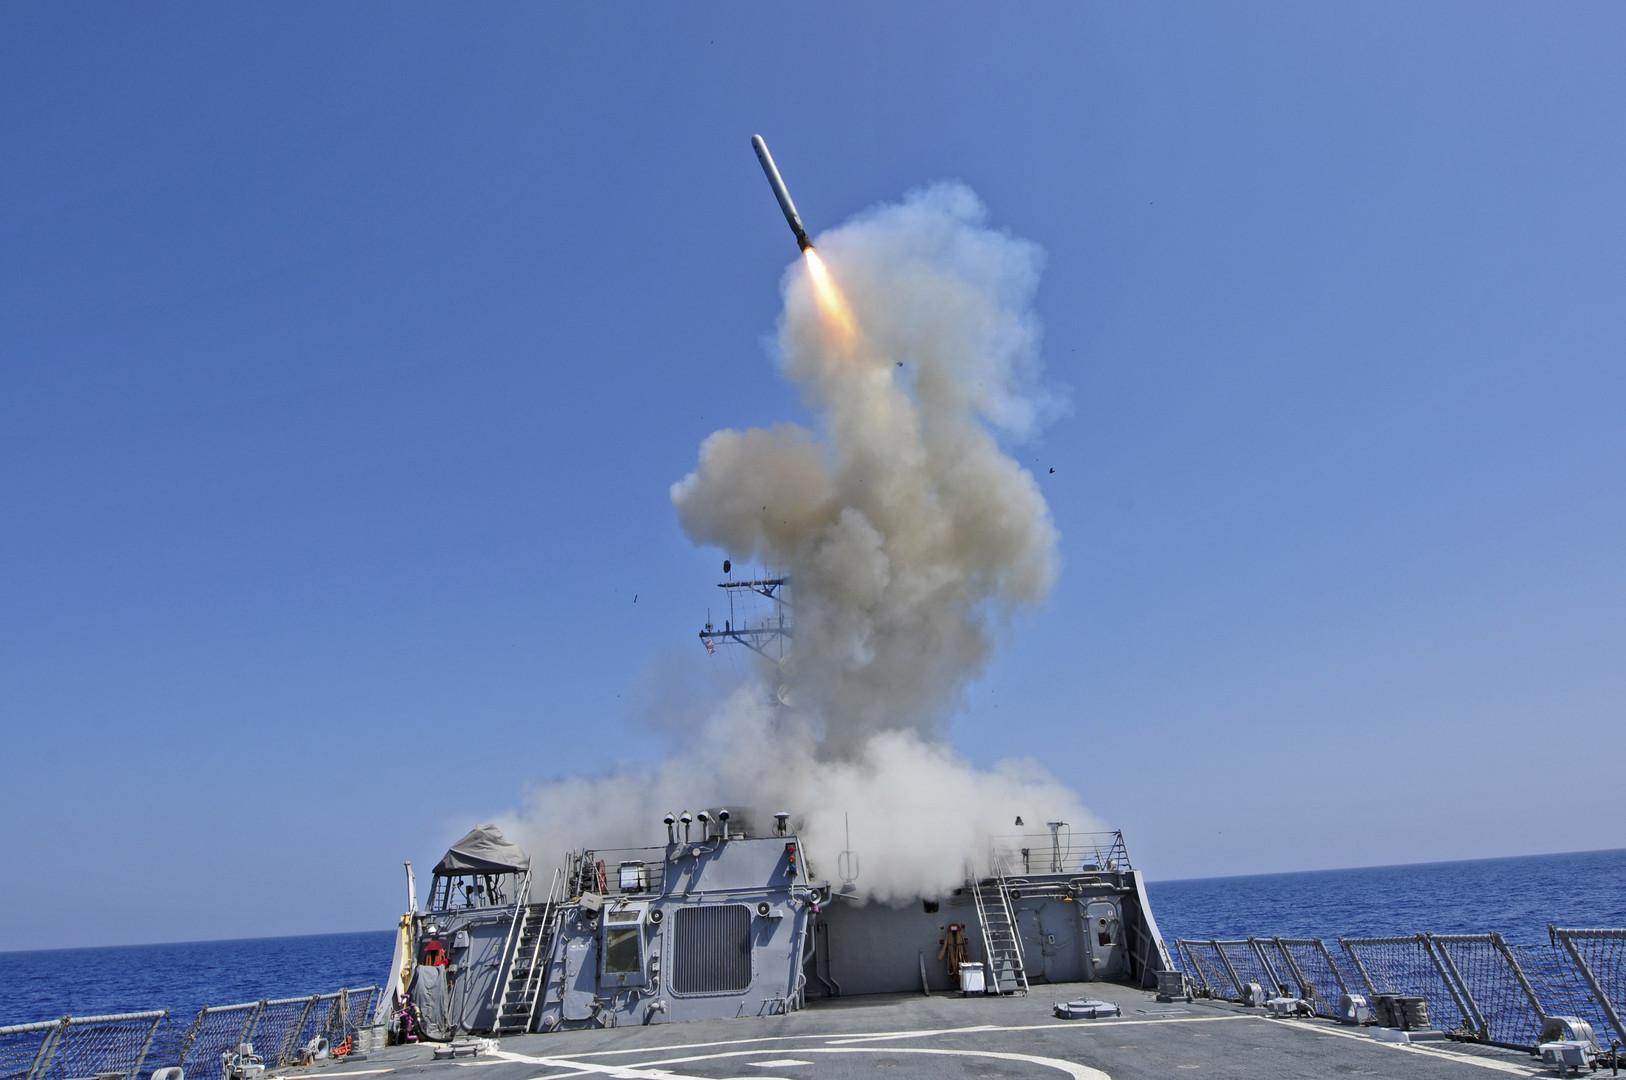 ВС США открыли огонь по целям в Йемене в ответ на обстрел своего корабля